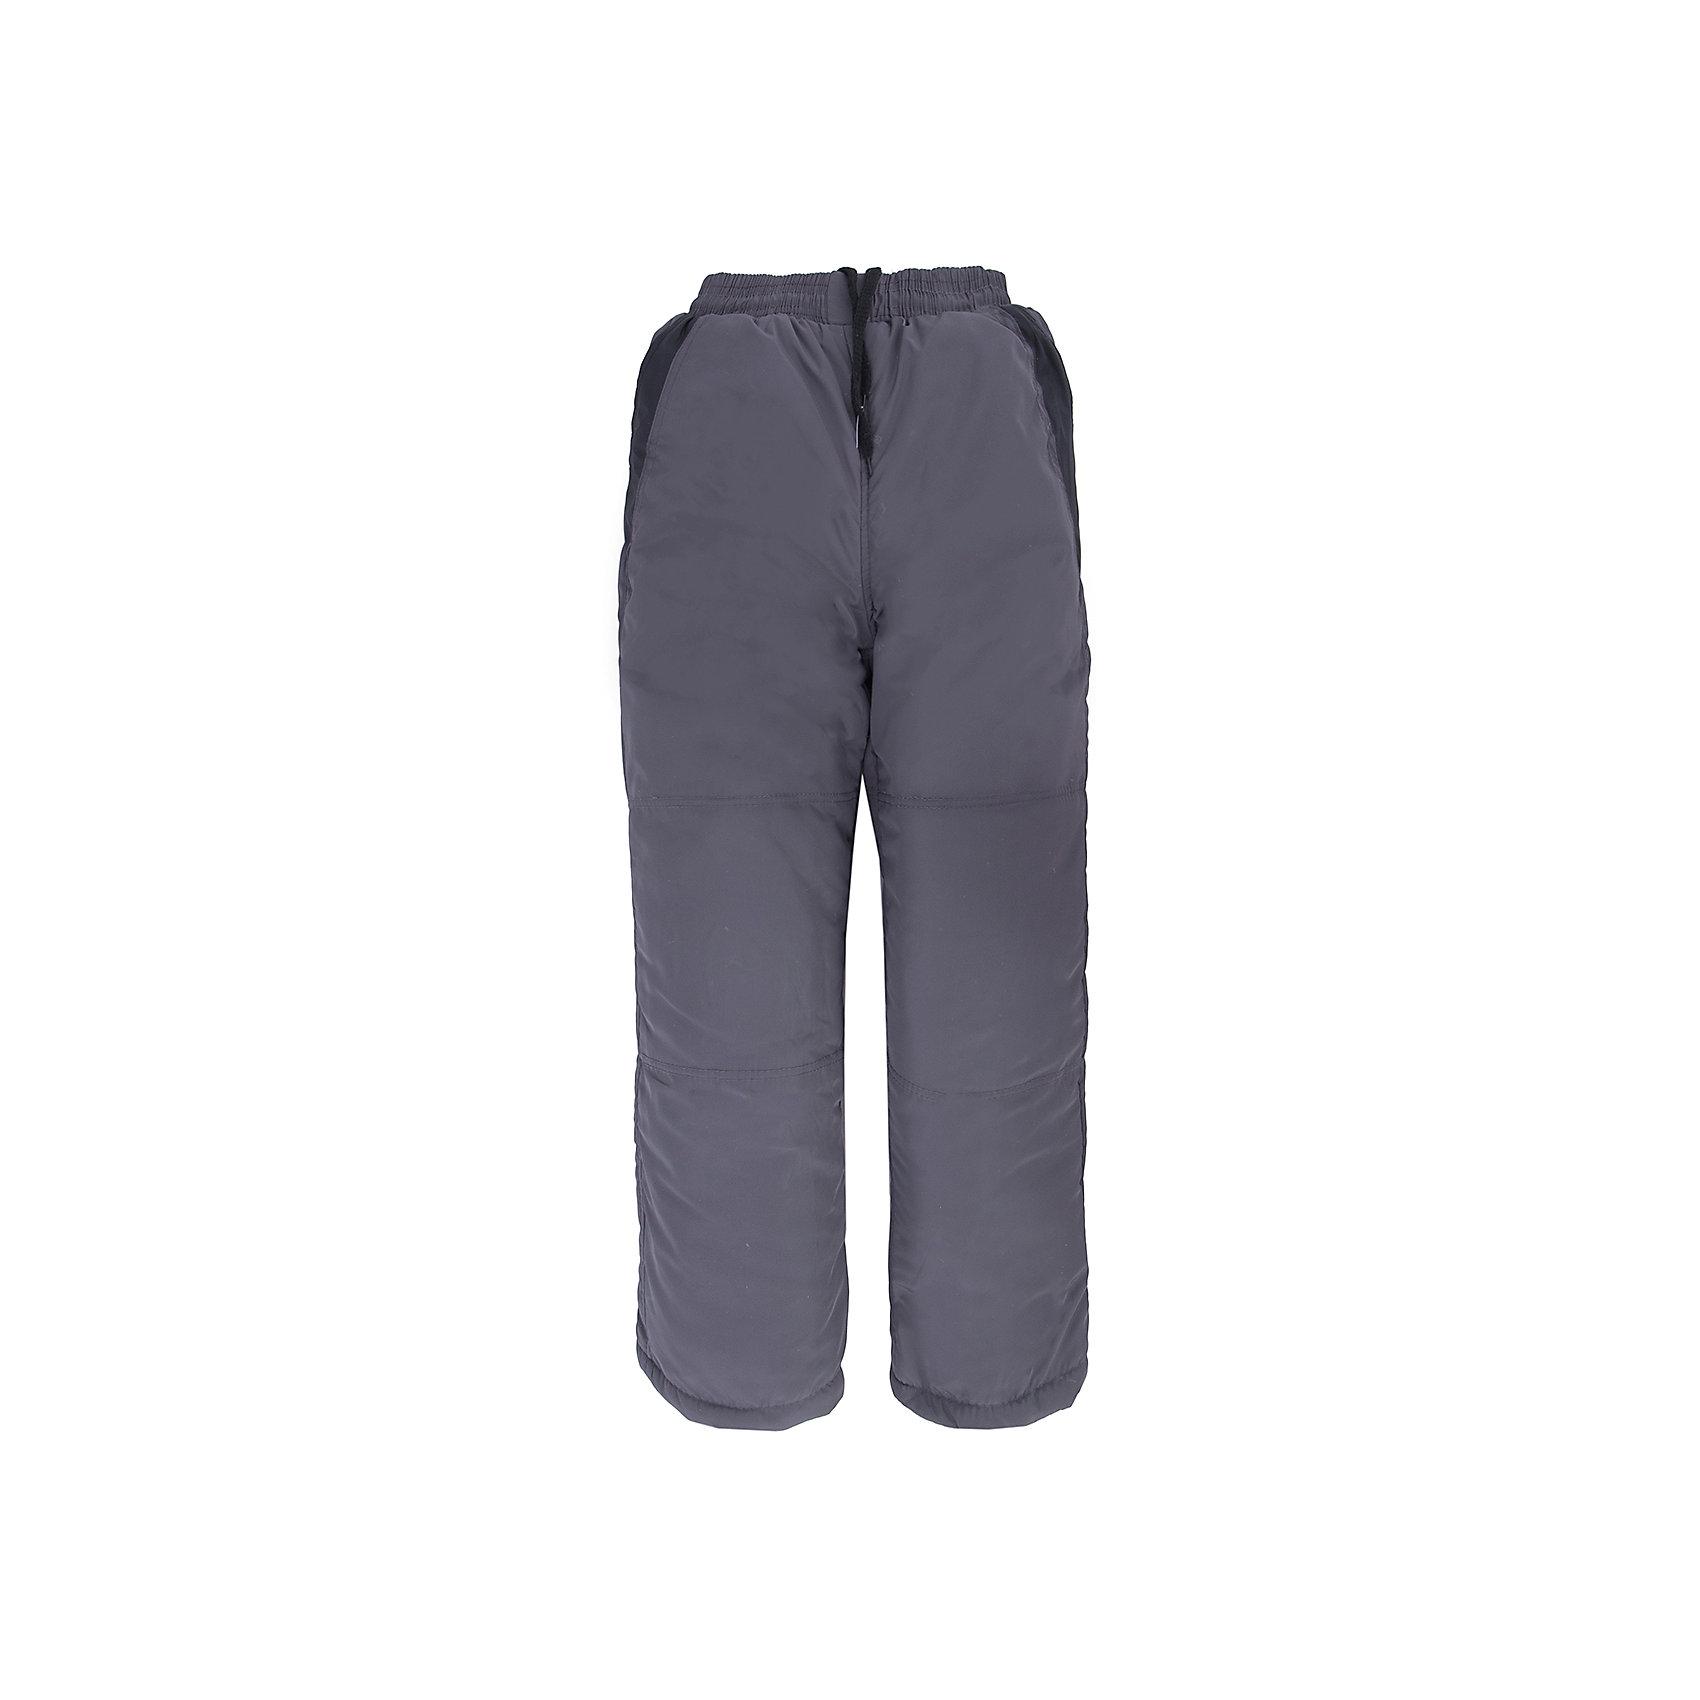 Брюки для мальчика DAUBERВерхняя одежда<br>Брюки для мальчика Dauber<br>Брюки для мальчика, на синтепоне. Высококачественный синтетический наполнитель 200гр/м?, который прекрасно сохраняет форму и восстанавливает её после любой деформации, влагоустойчив. Температурный режим: от +10 до-20 градусов. Брюки обеспечат тепло и уют, защитив ребёнка от холода и промокания. Грязеотталкивающие и за ними легко ухаживать. Изготовлены из быстросохнущего материала. <br>Состав: 100% полиэстер<br><br>Ширина мм: 215<br>Глубина мм: 88<br>Высота мм: 191<br>Вес г: 336<br>Цвет: серый<br>Возраст от месяцев: 108<br>Возраст до месяцев: 120<br>Пол: Мужской<br>Возраст: Детский<br>Размер: 134/140,146/152,122/128,158/164<br>SKU: 4862324